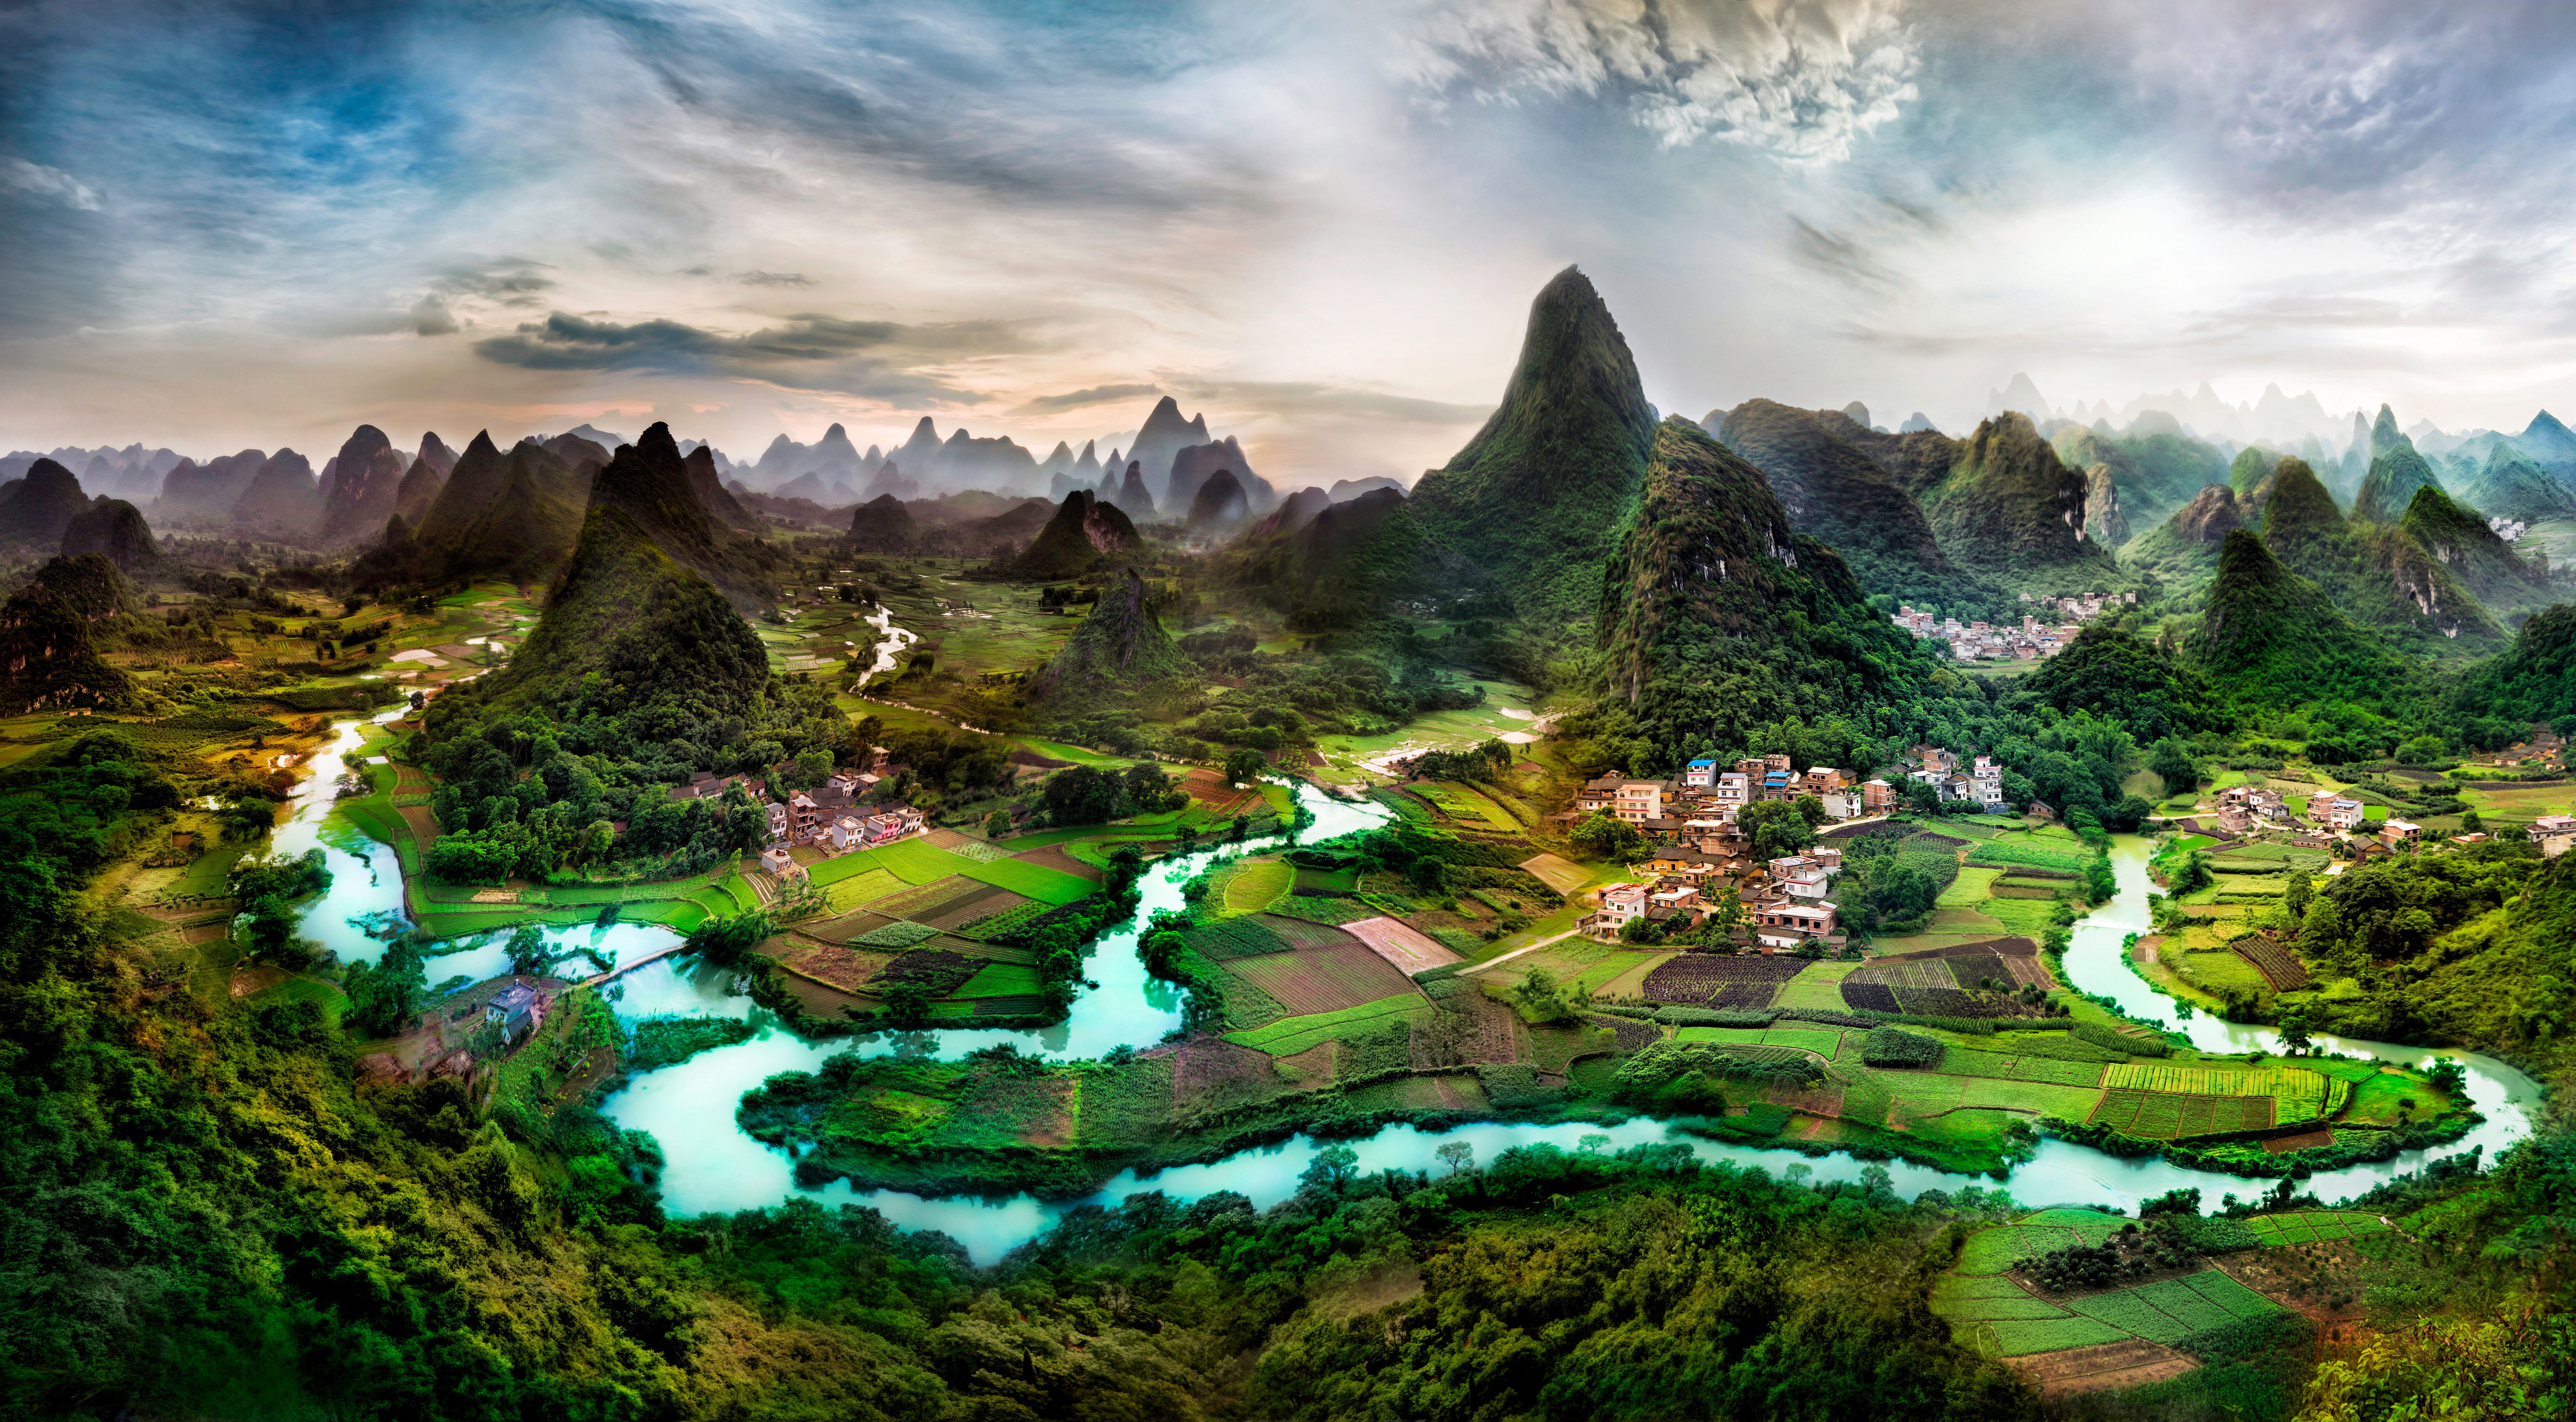 Fotos von China Guangxi Province Natur Felsen Acker Flusse Gebäude 6520x3600 Felder Fluss Haus